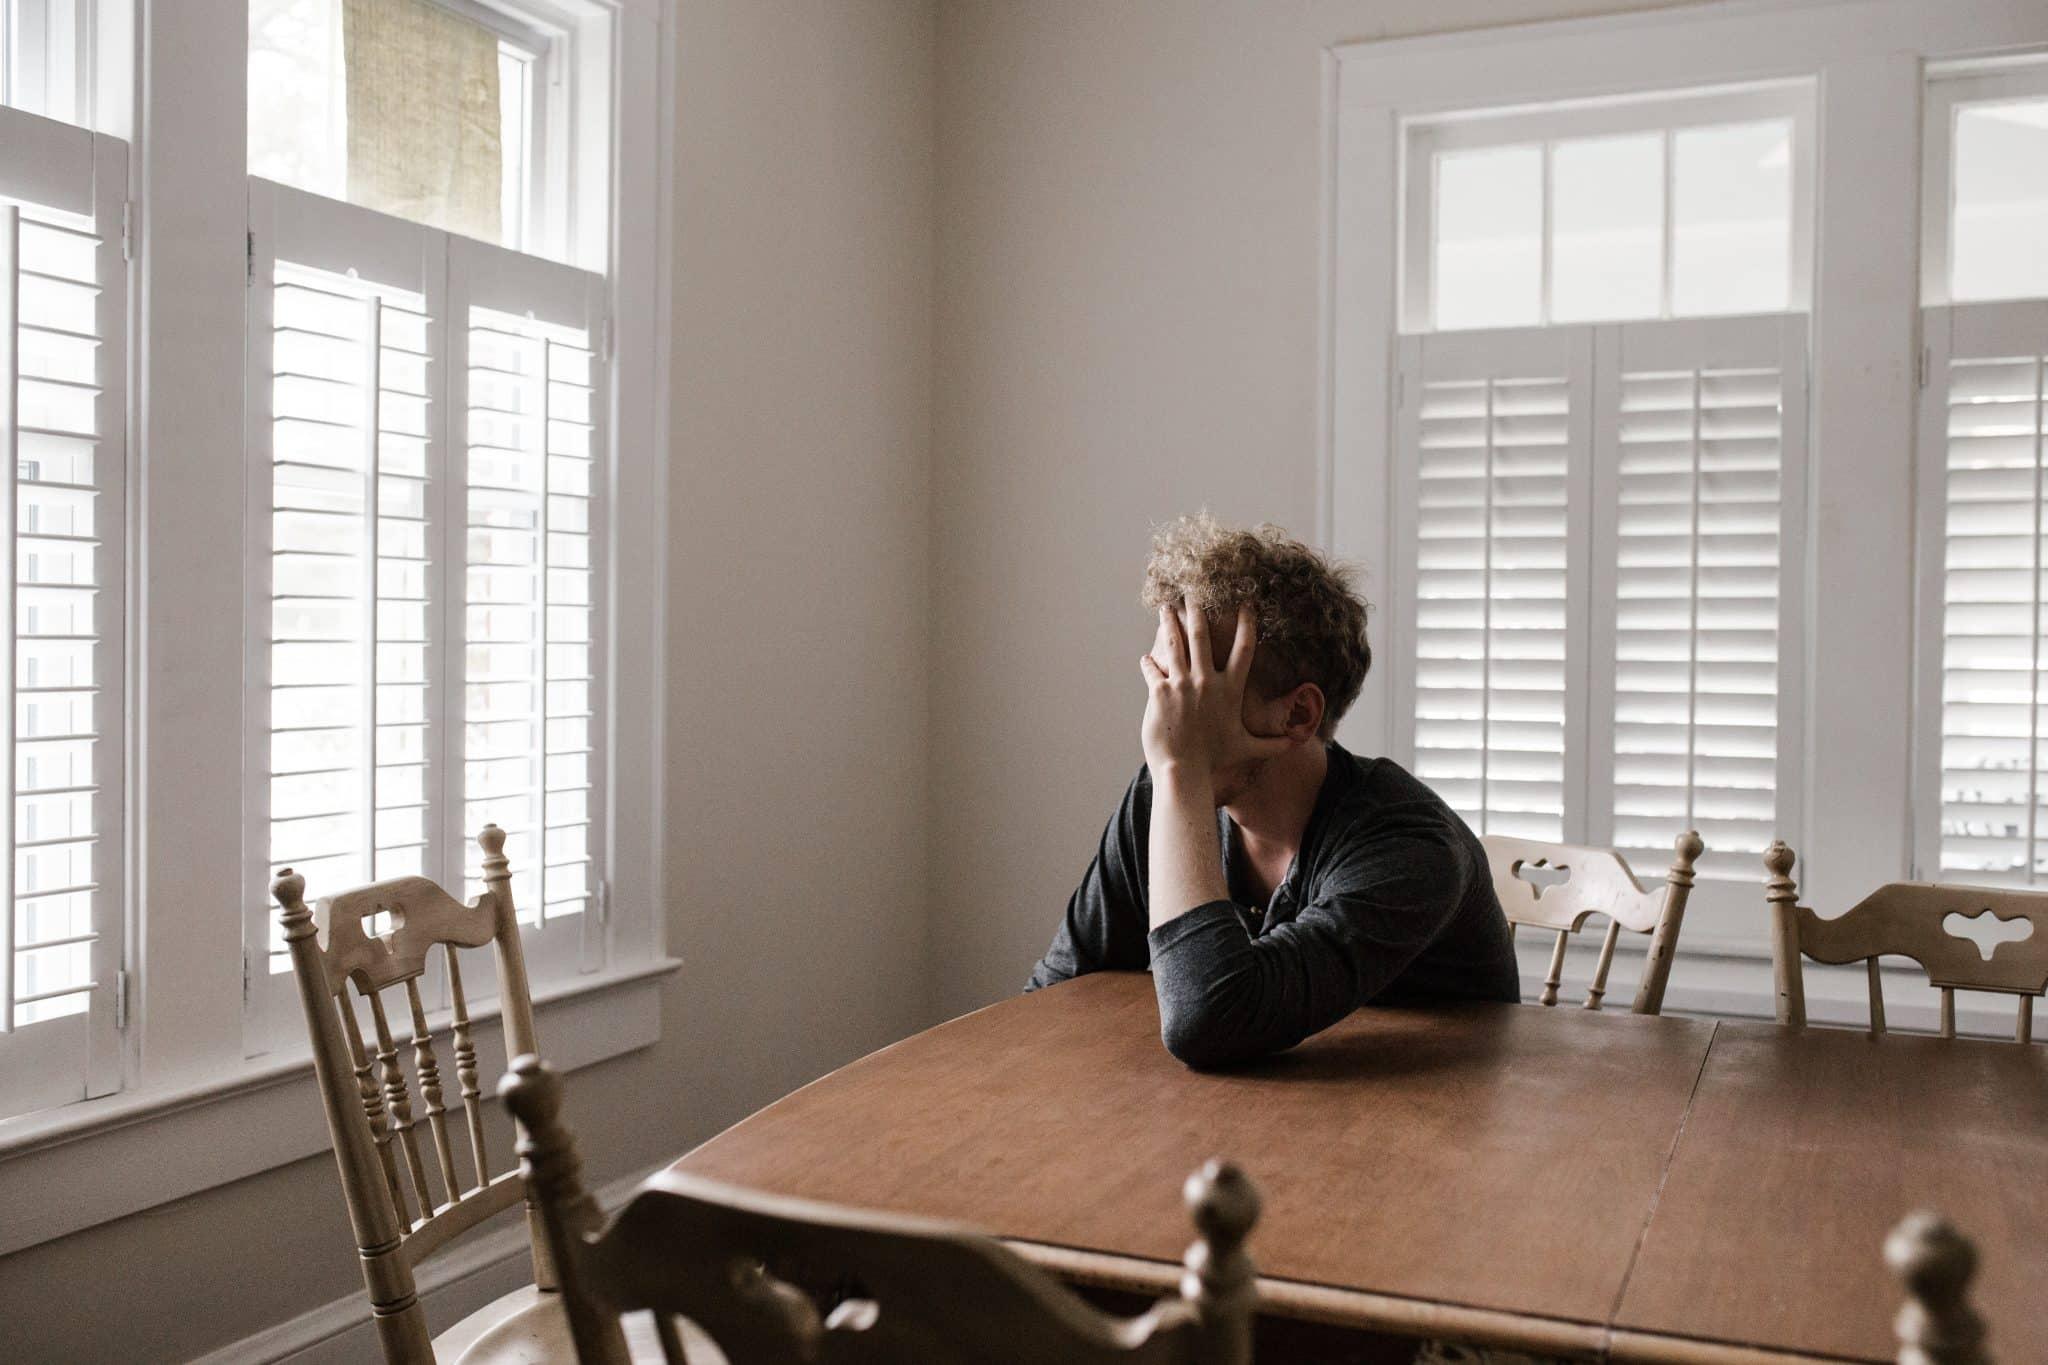 Bipolární afektivní porucha: Jsem každou chvíli někdo jiný 1